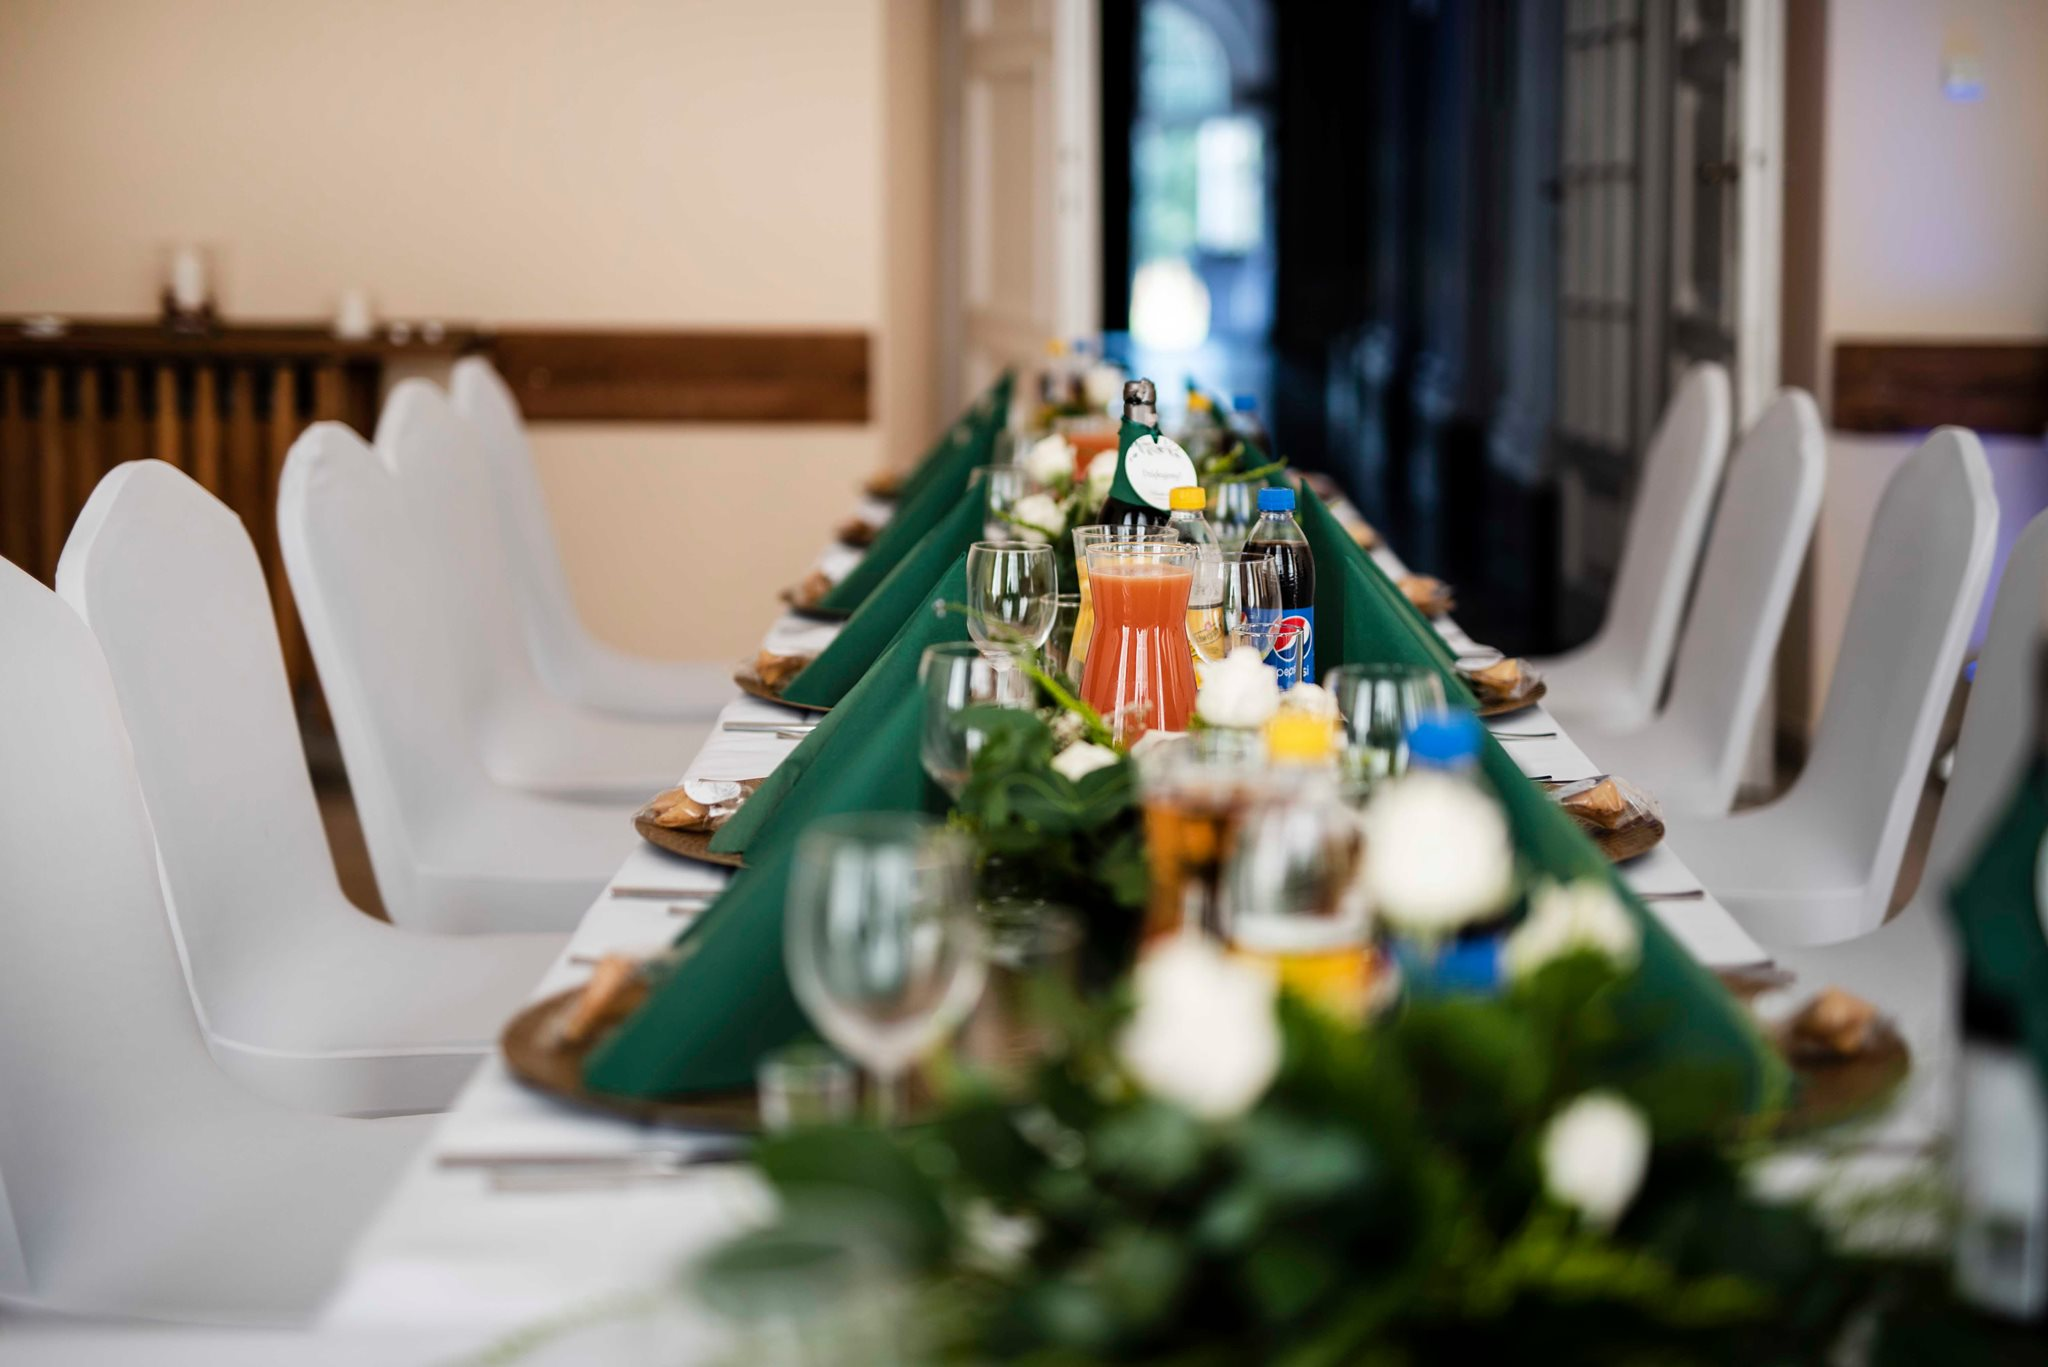 Aranżacja stołu w Pałacu Radziwiłłów